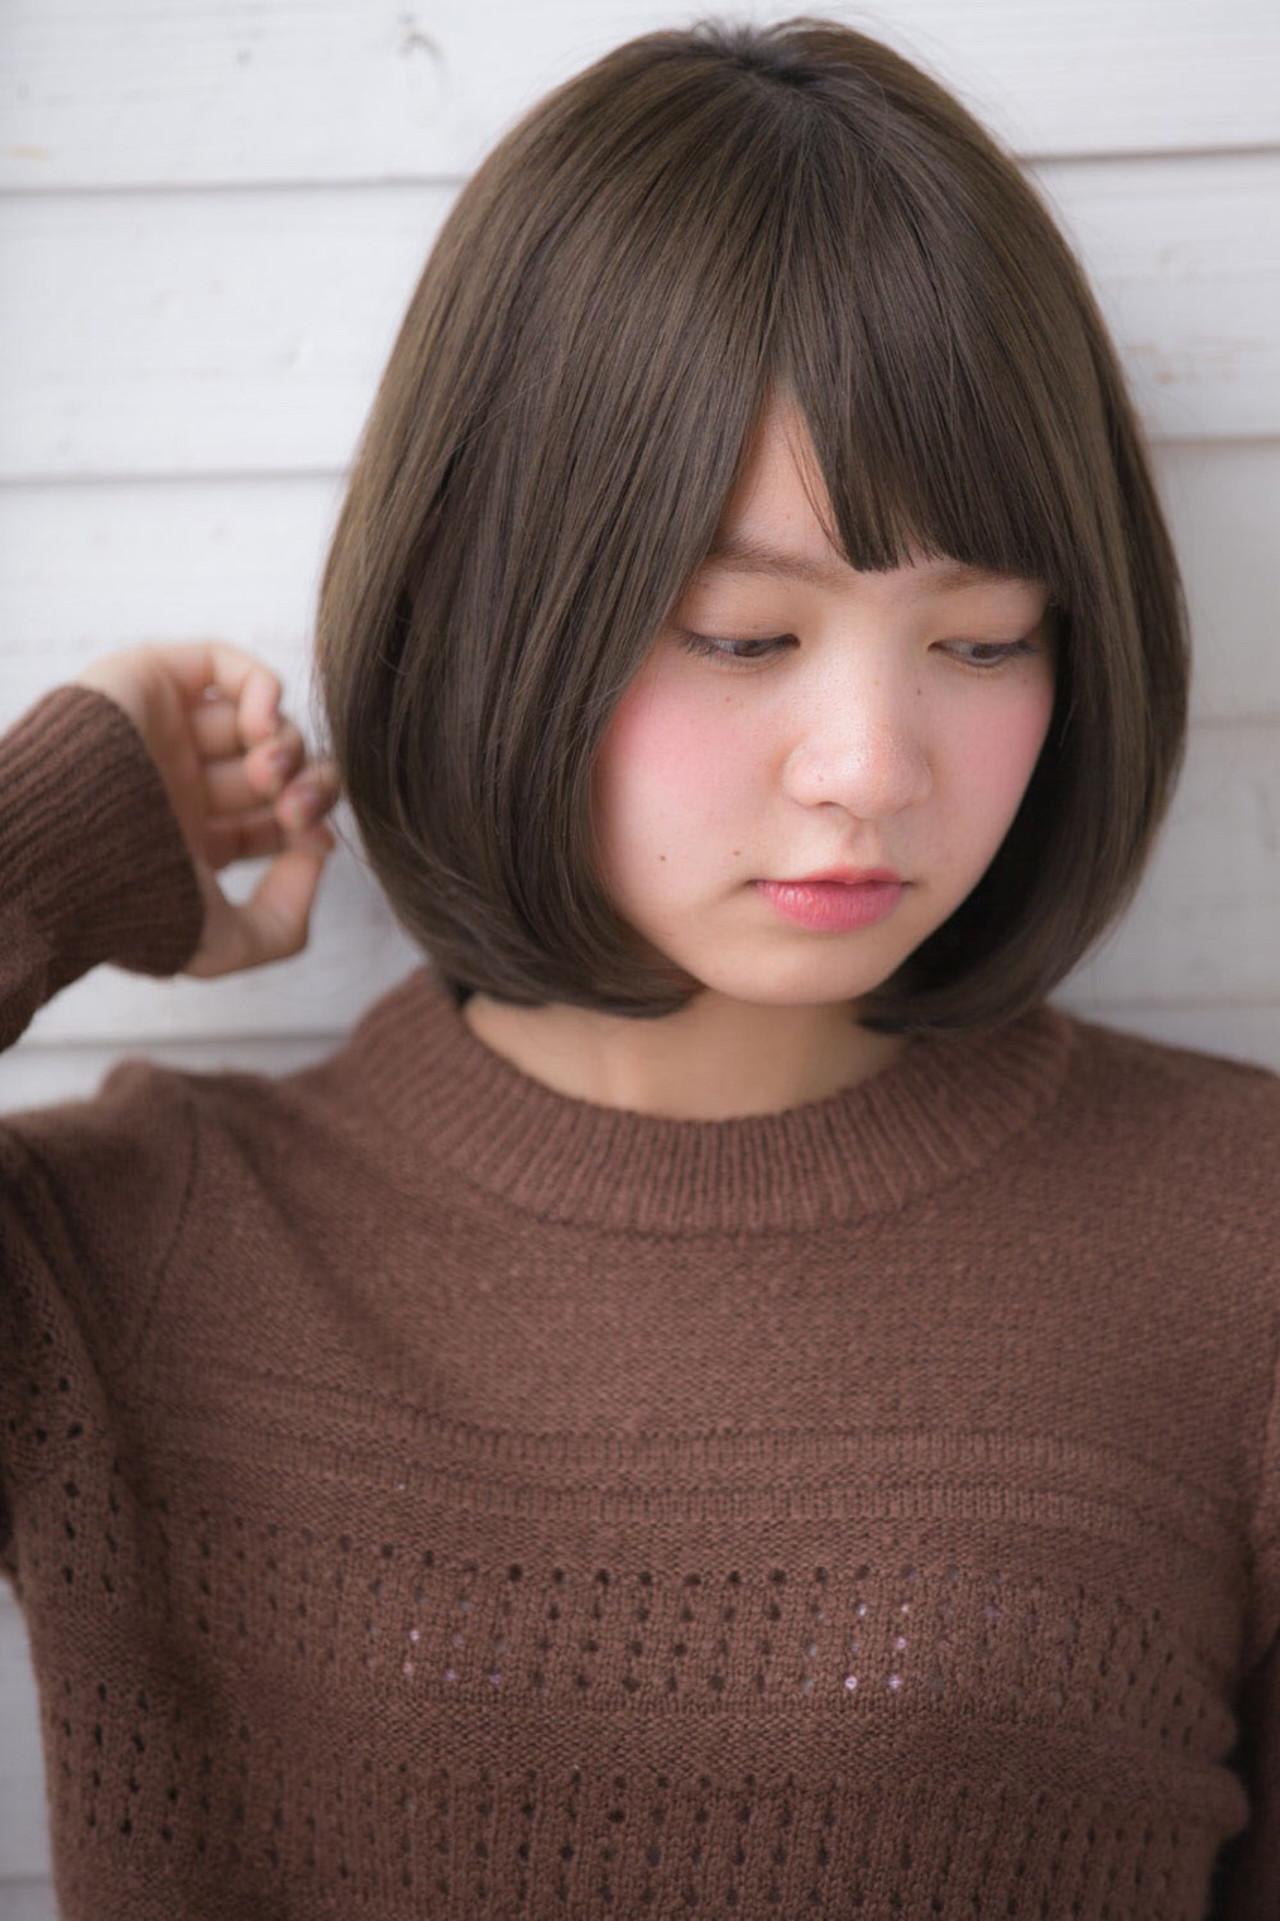 色気 ニュアンス アッシュ 前髪あり ヘアスタイルや髪型の写真・画像